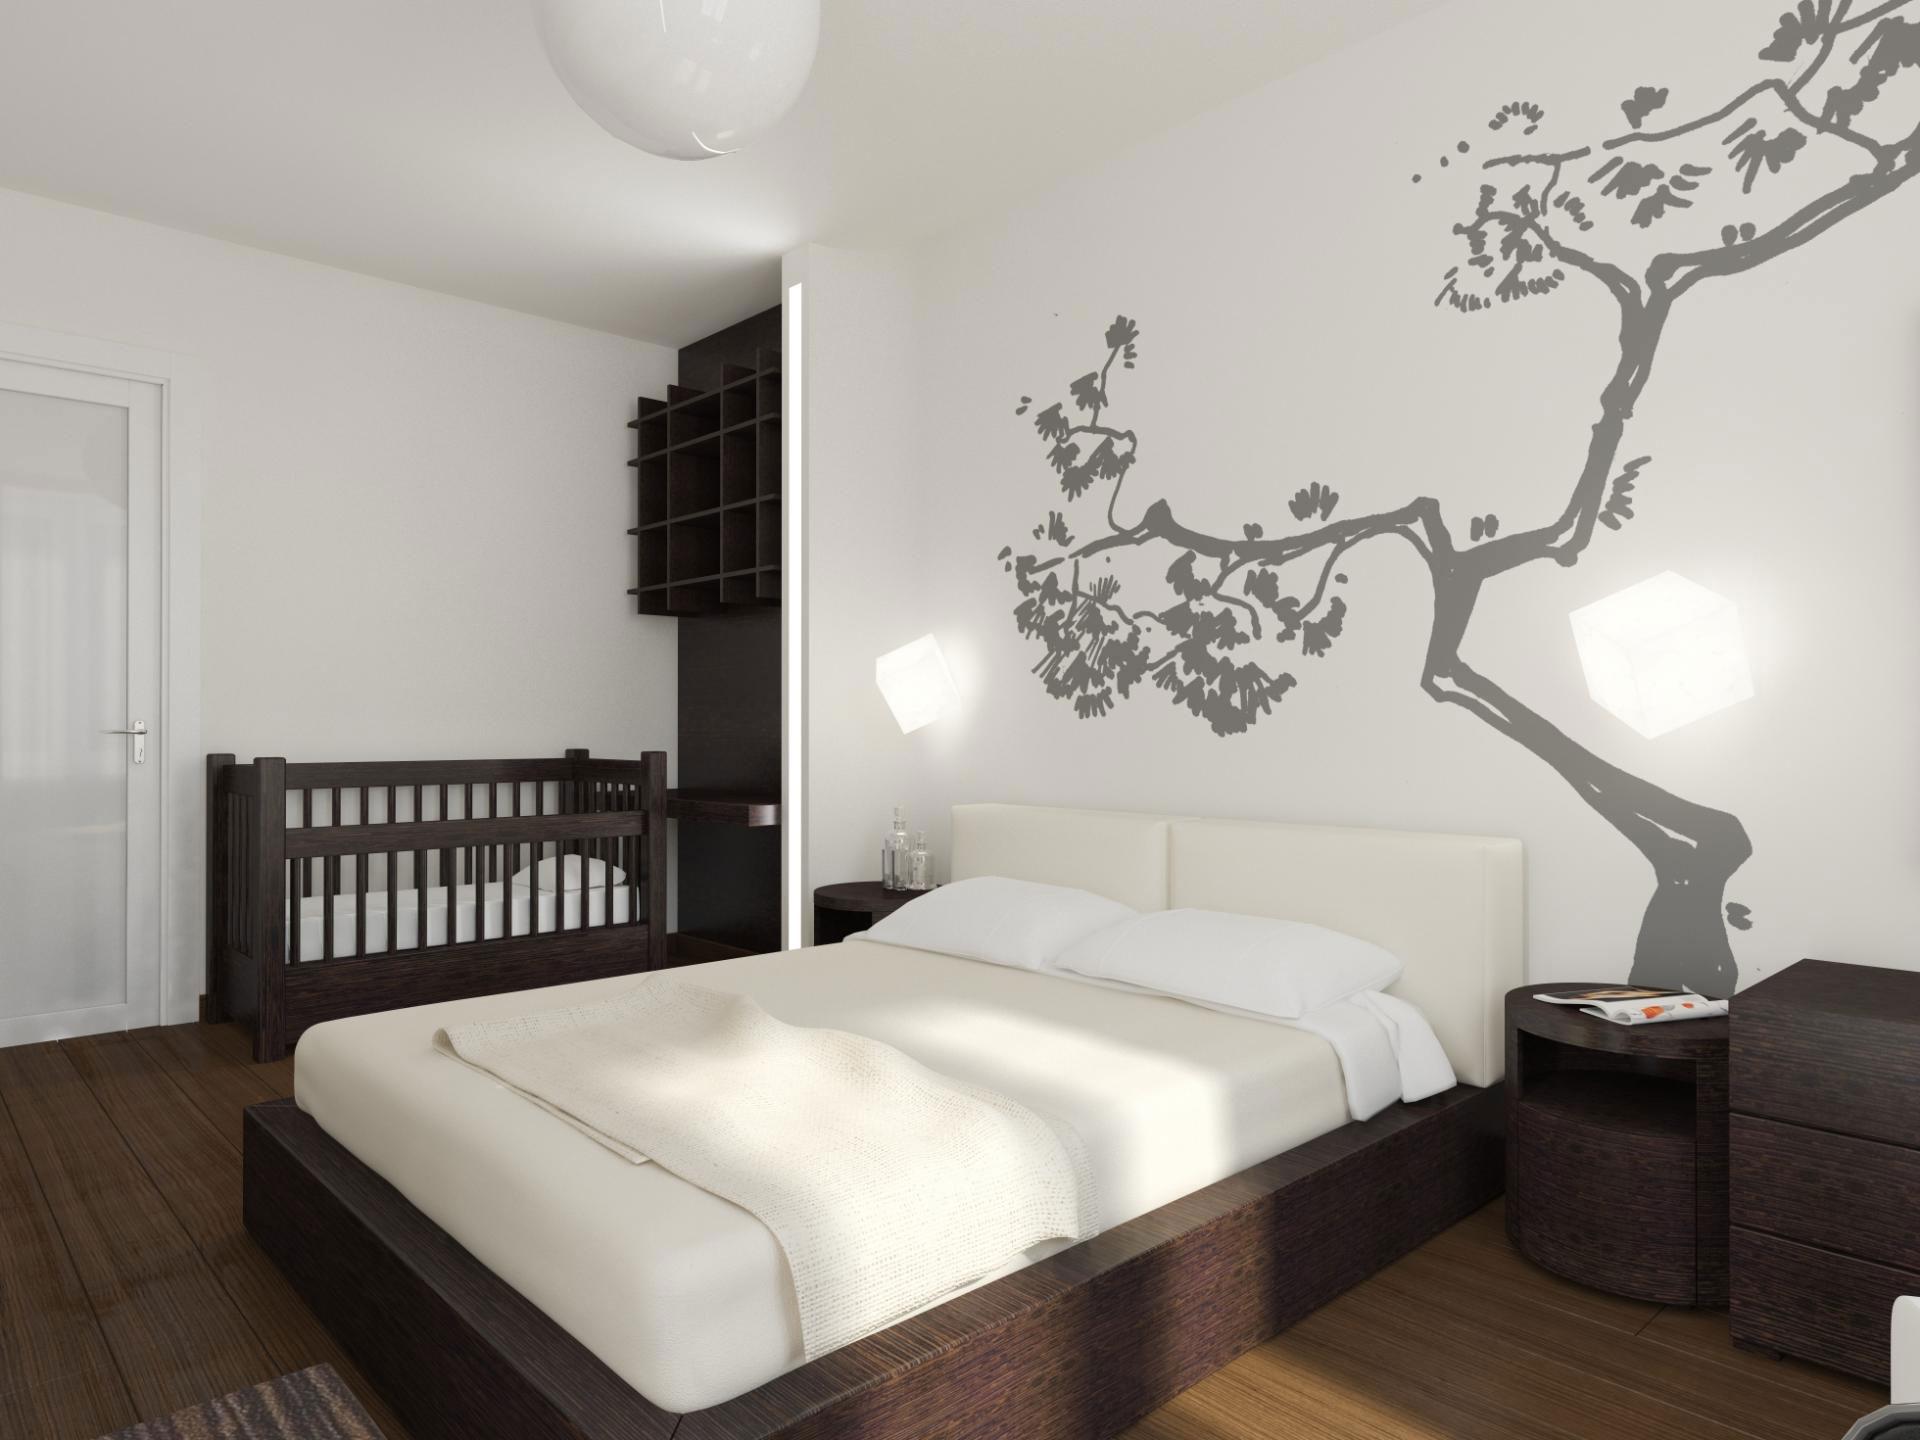 Яркое оформление интерьера квартиры в стиле минимализм